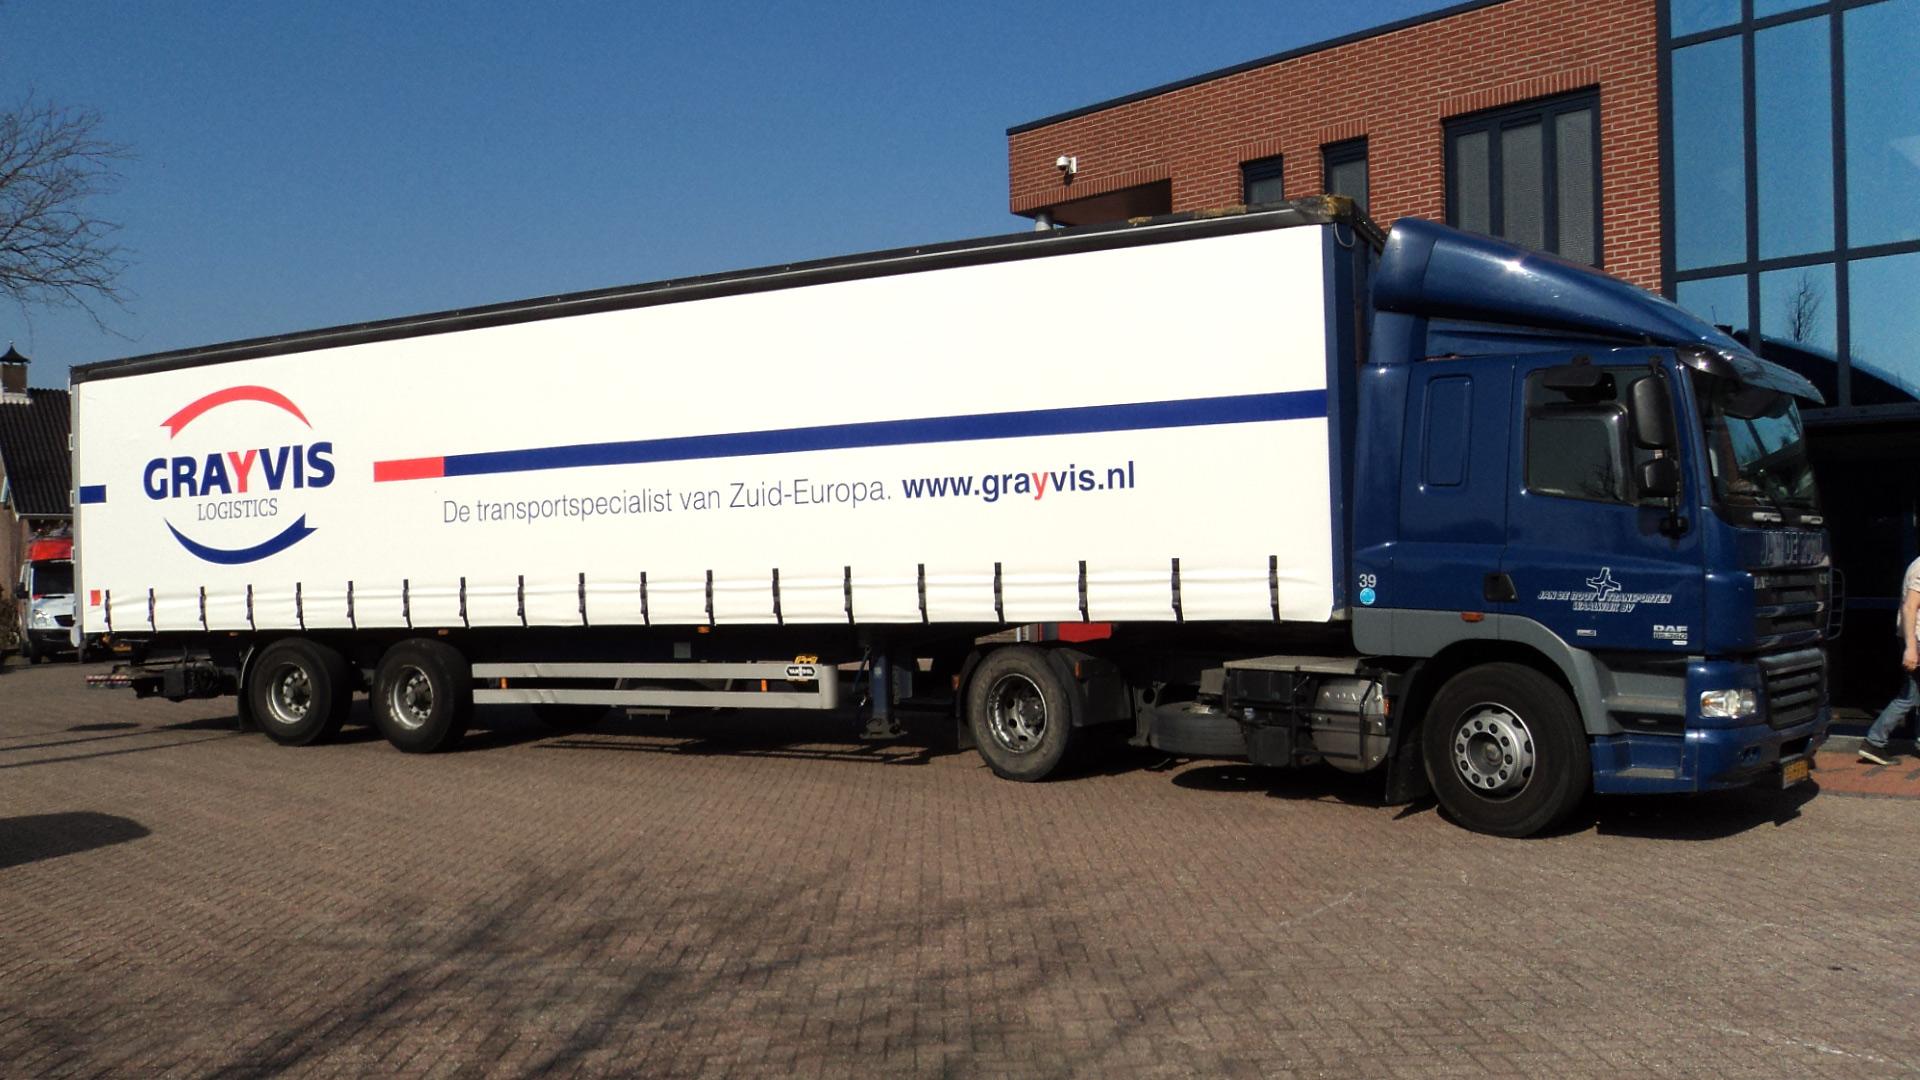 grayvis logistics vrachtwagen